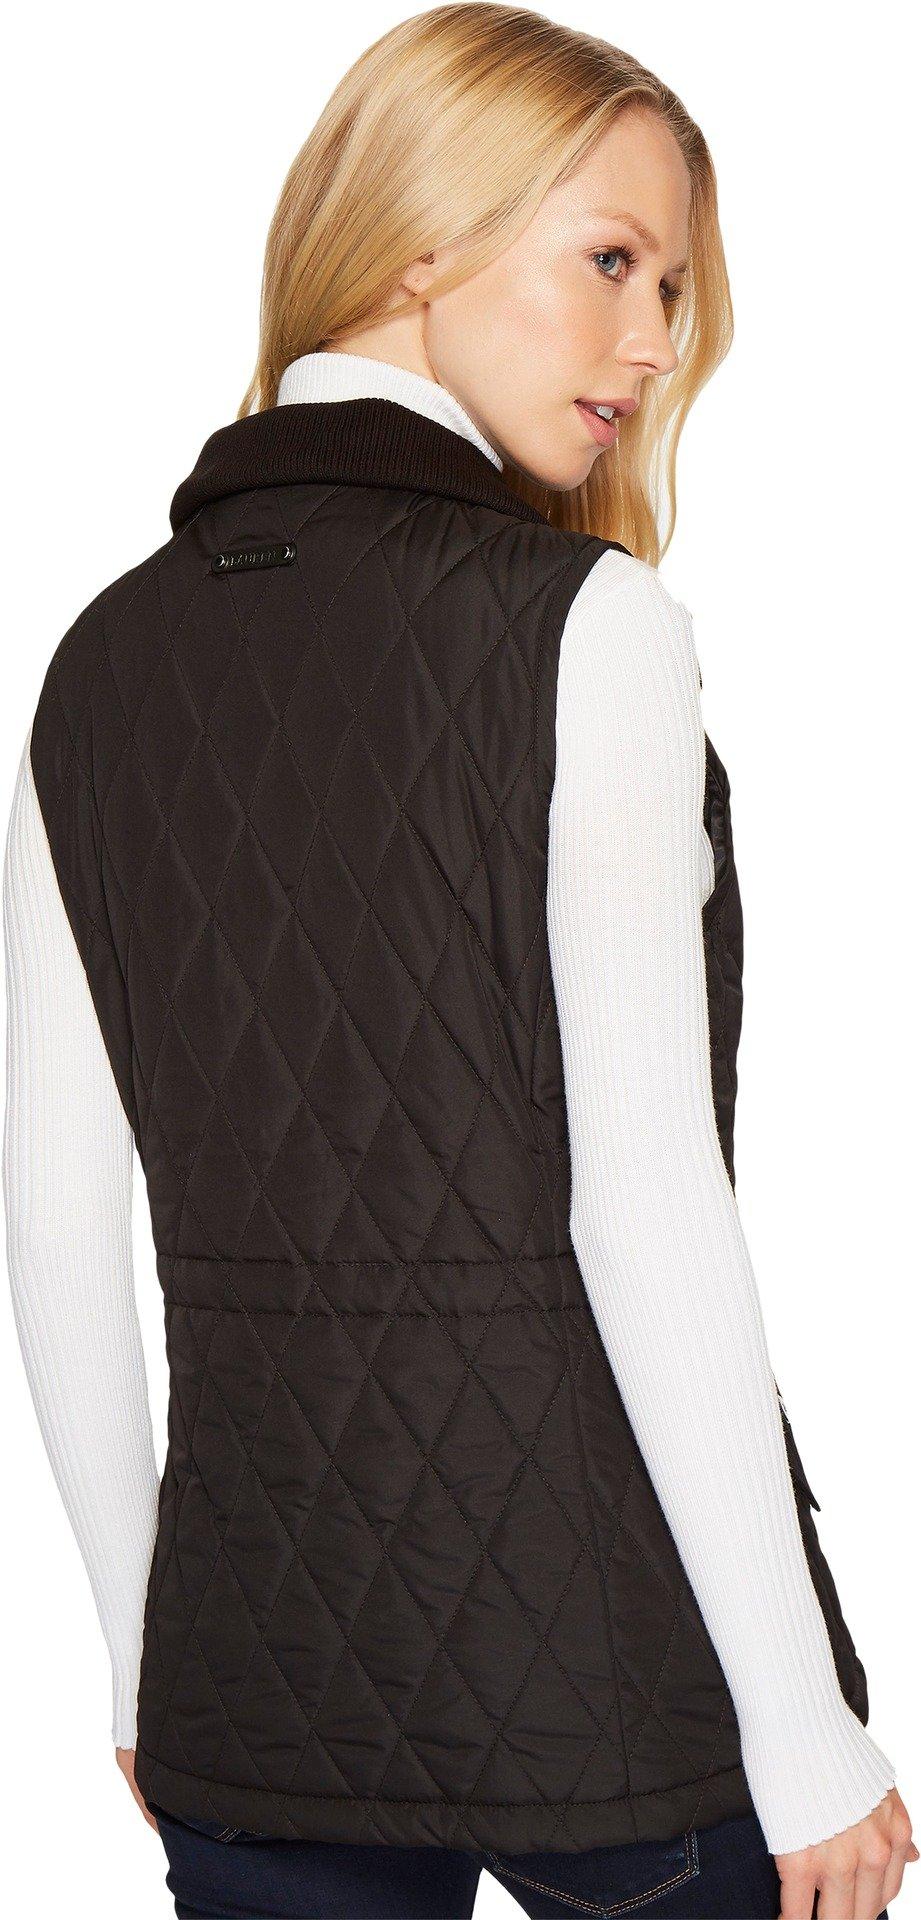 LAUREN Ralph Lauren Womens Vest w/ Wool Combo Black SM One Size by Lauren by Ralph Lauren (Image #3)